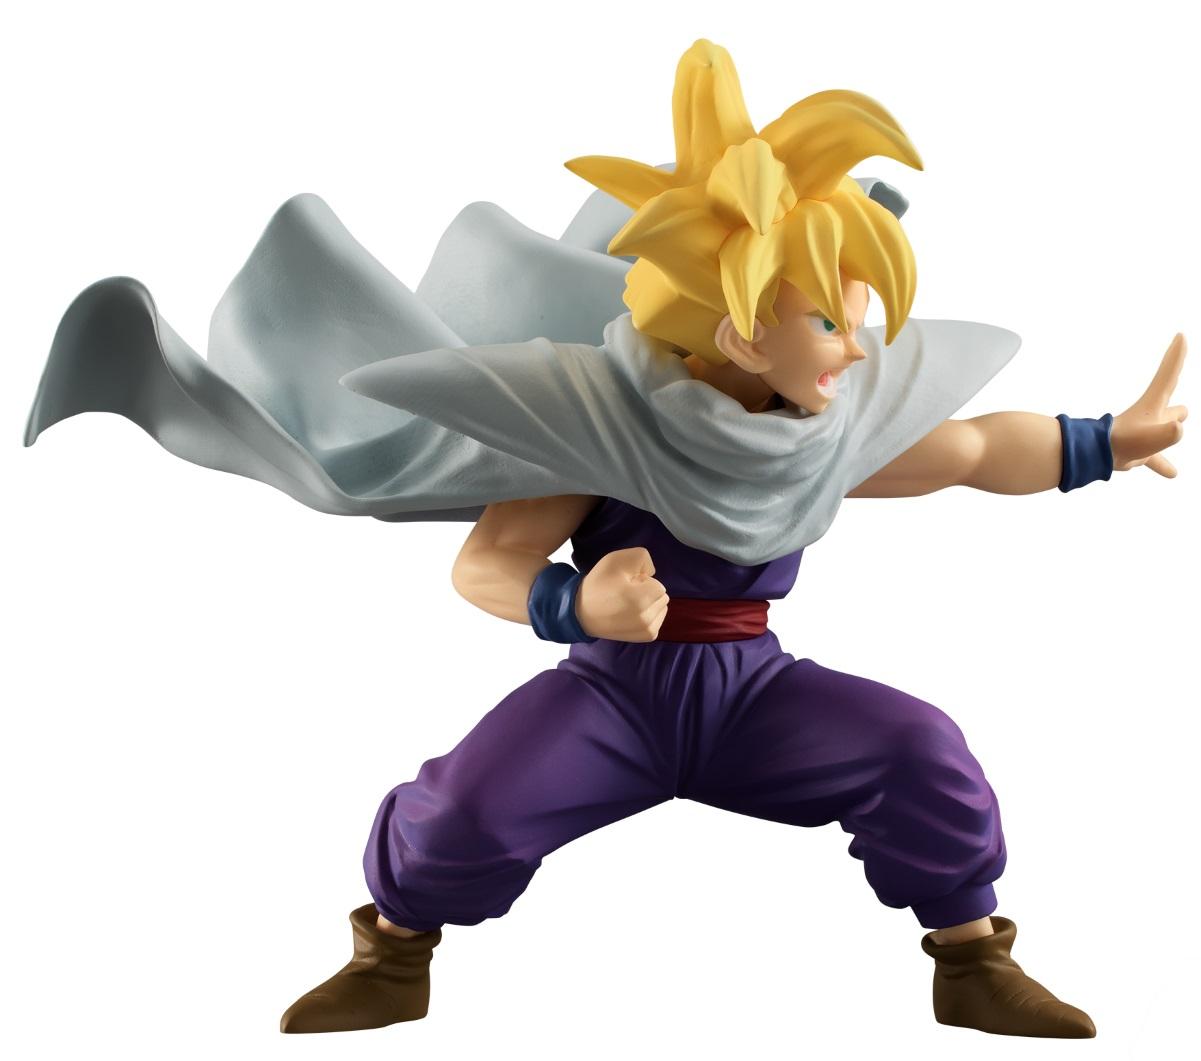 Фигурка Dragon Ball Z Styling: Son Gohan (9 см)Фигурка Dragon Ball Z Styling: Son Gohan создана по мотивам аниме-сериала, адаптации последних 325 глав манги Акиры Ториямы «Жемчуг дракона».<br>